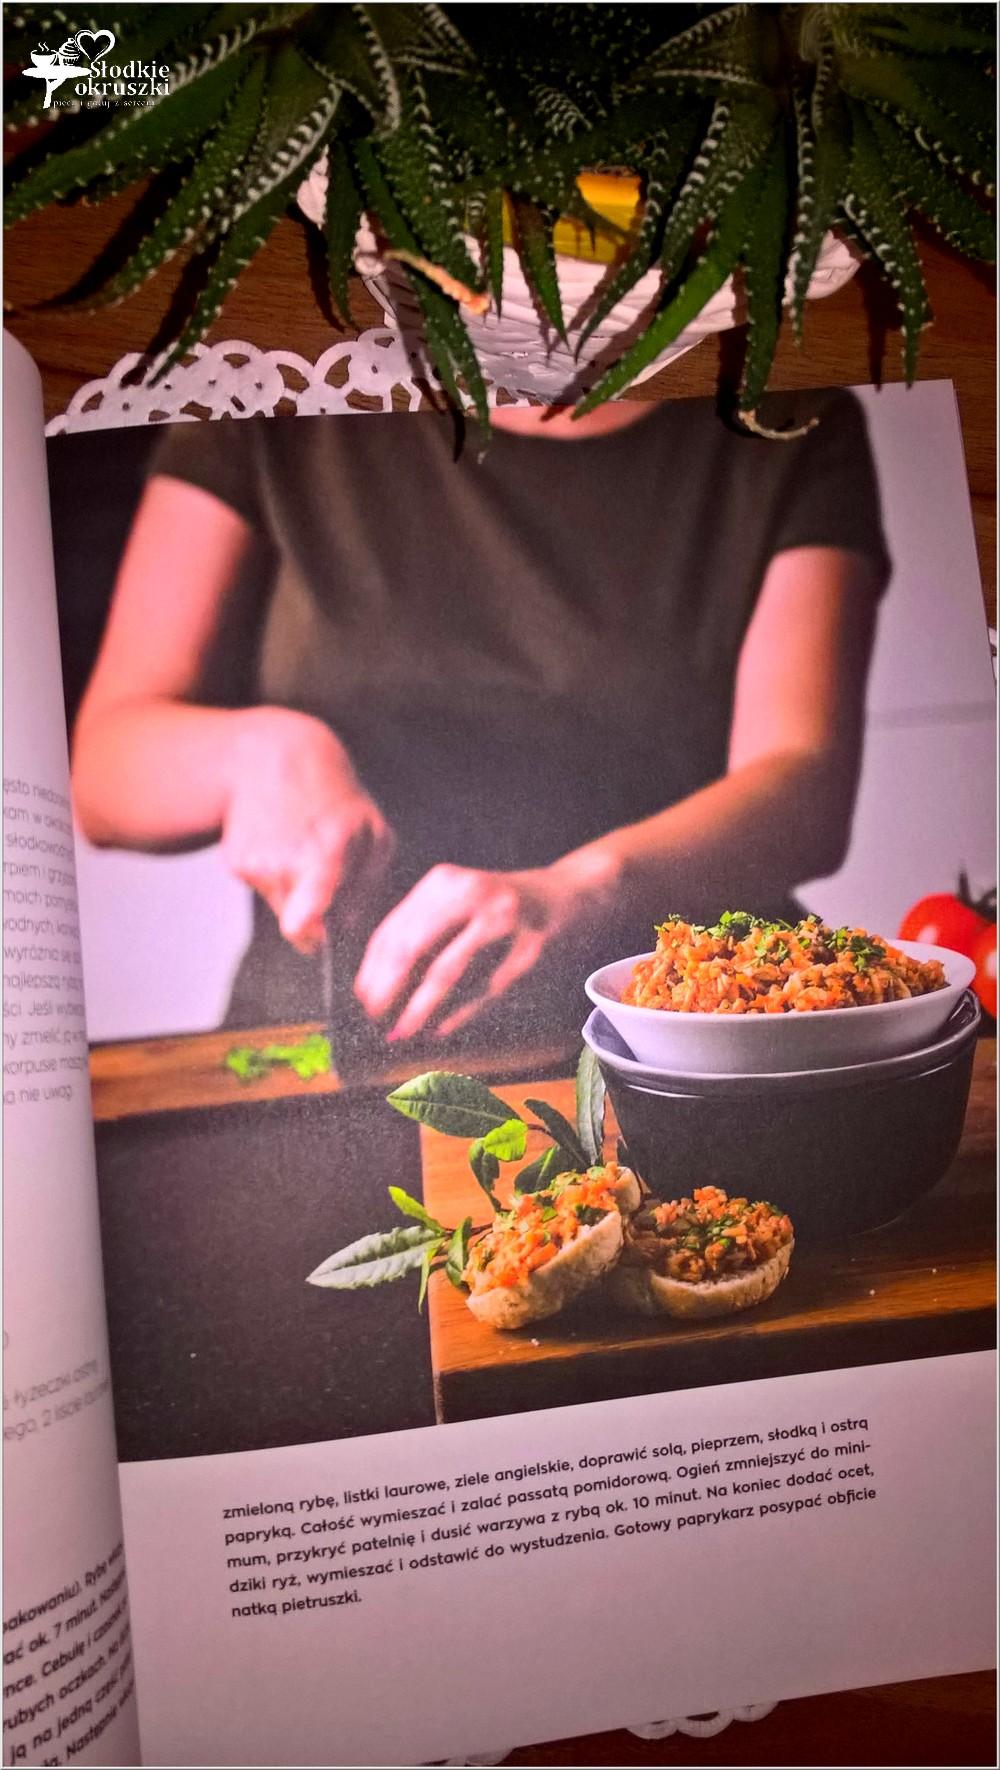 Pyszne poranki. 101 przepisów na smaczne i zdrowe śniadania (2)